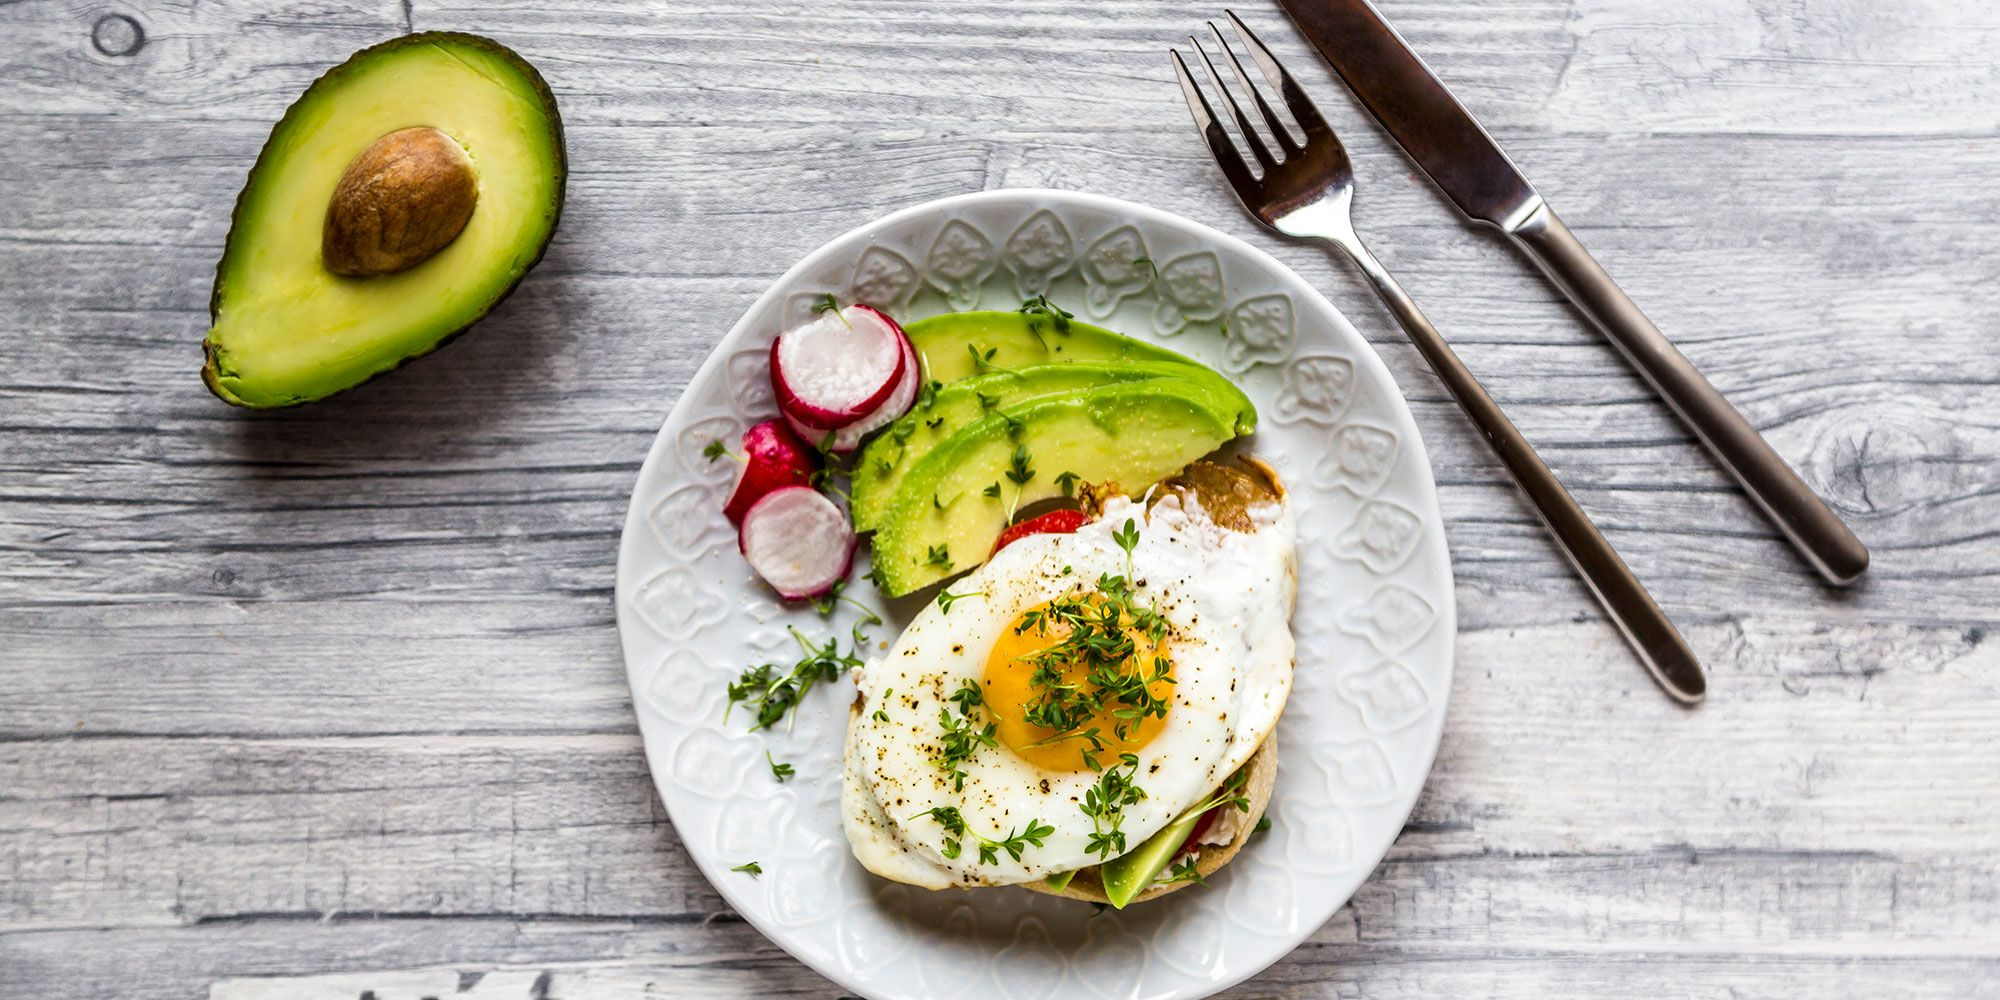 Futurlife21, el método nutricional que arrasa en Instagram